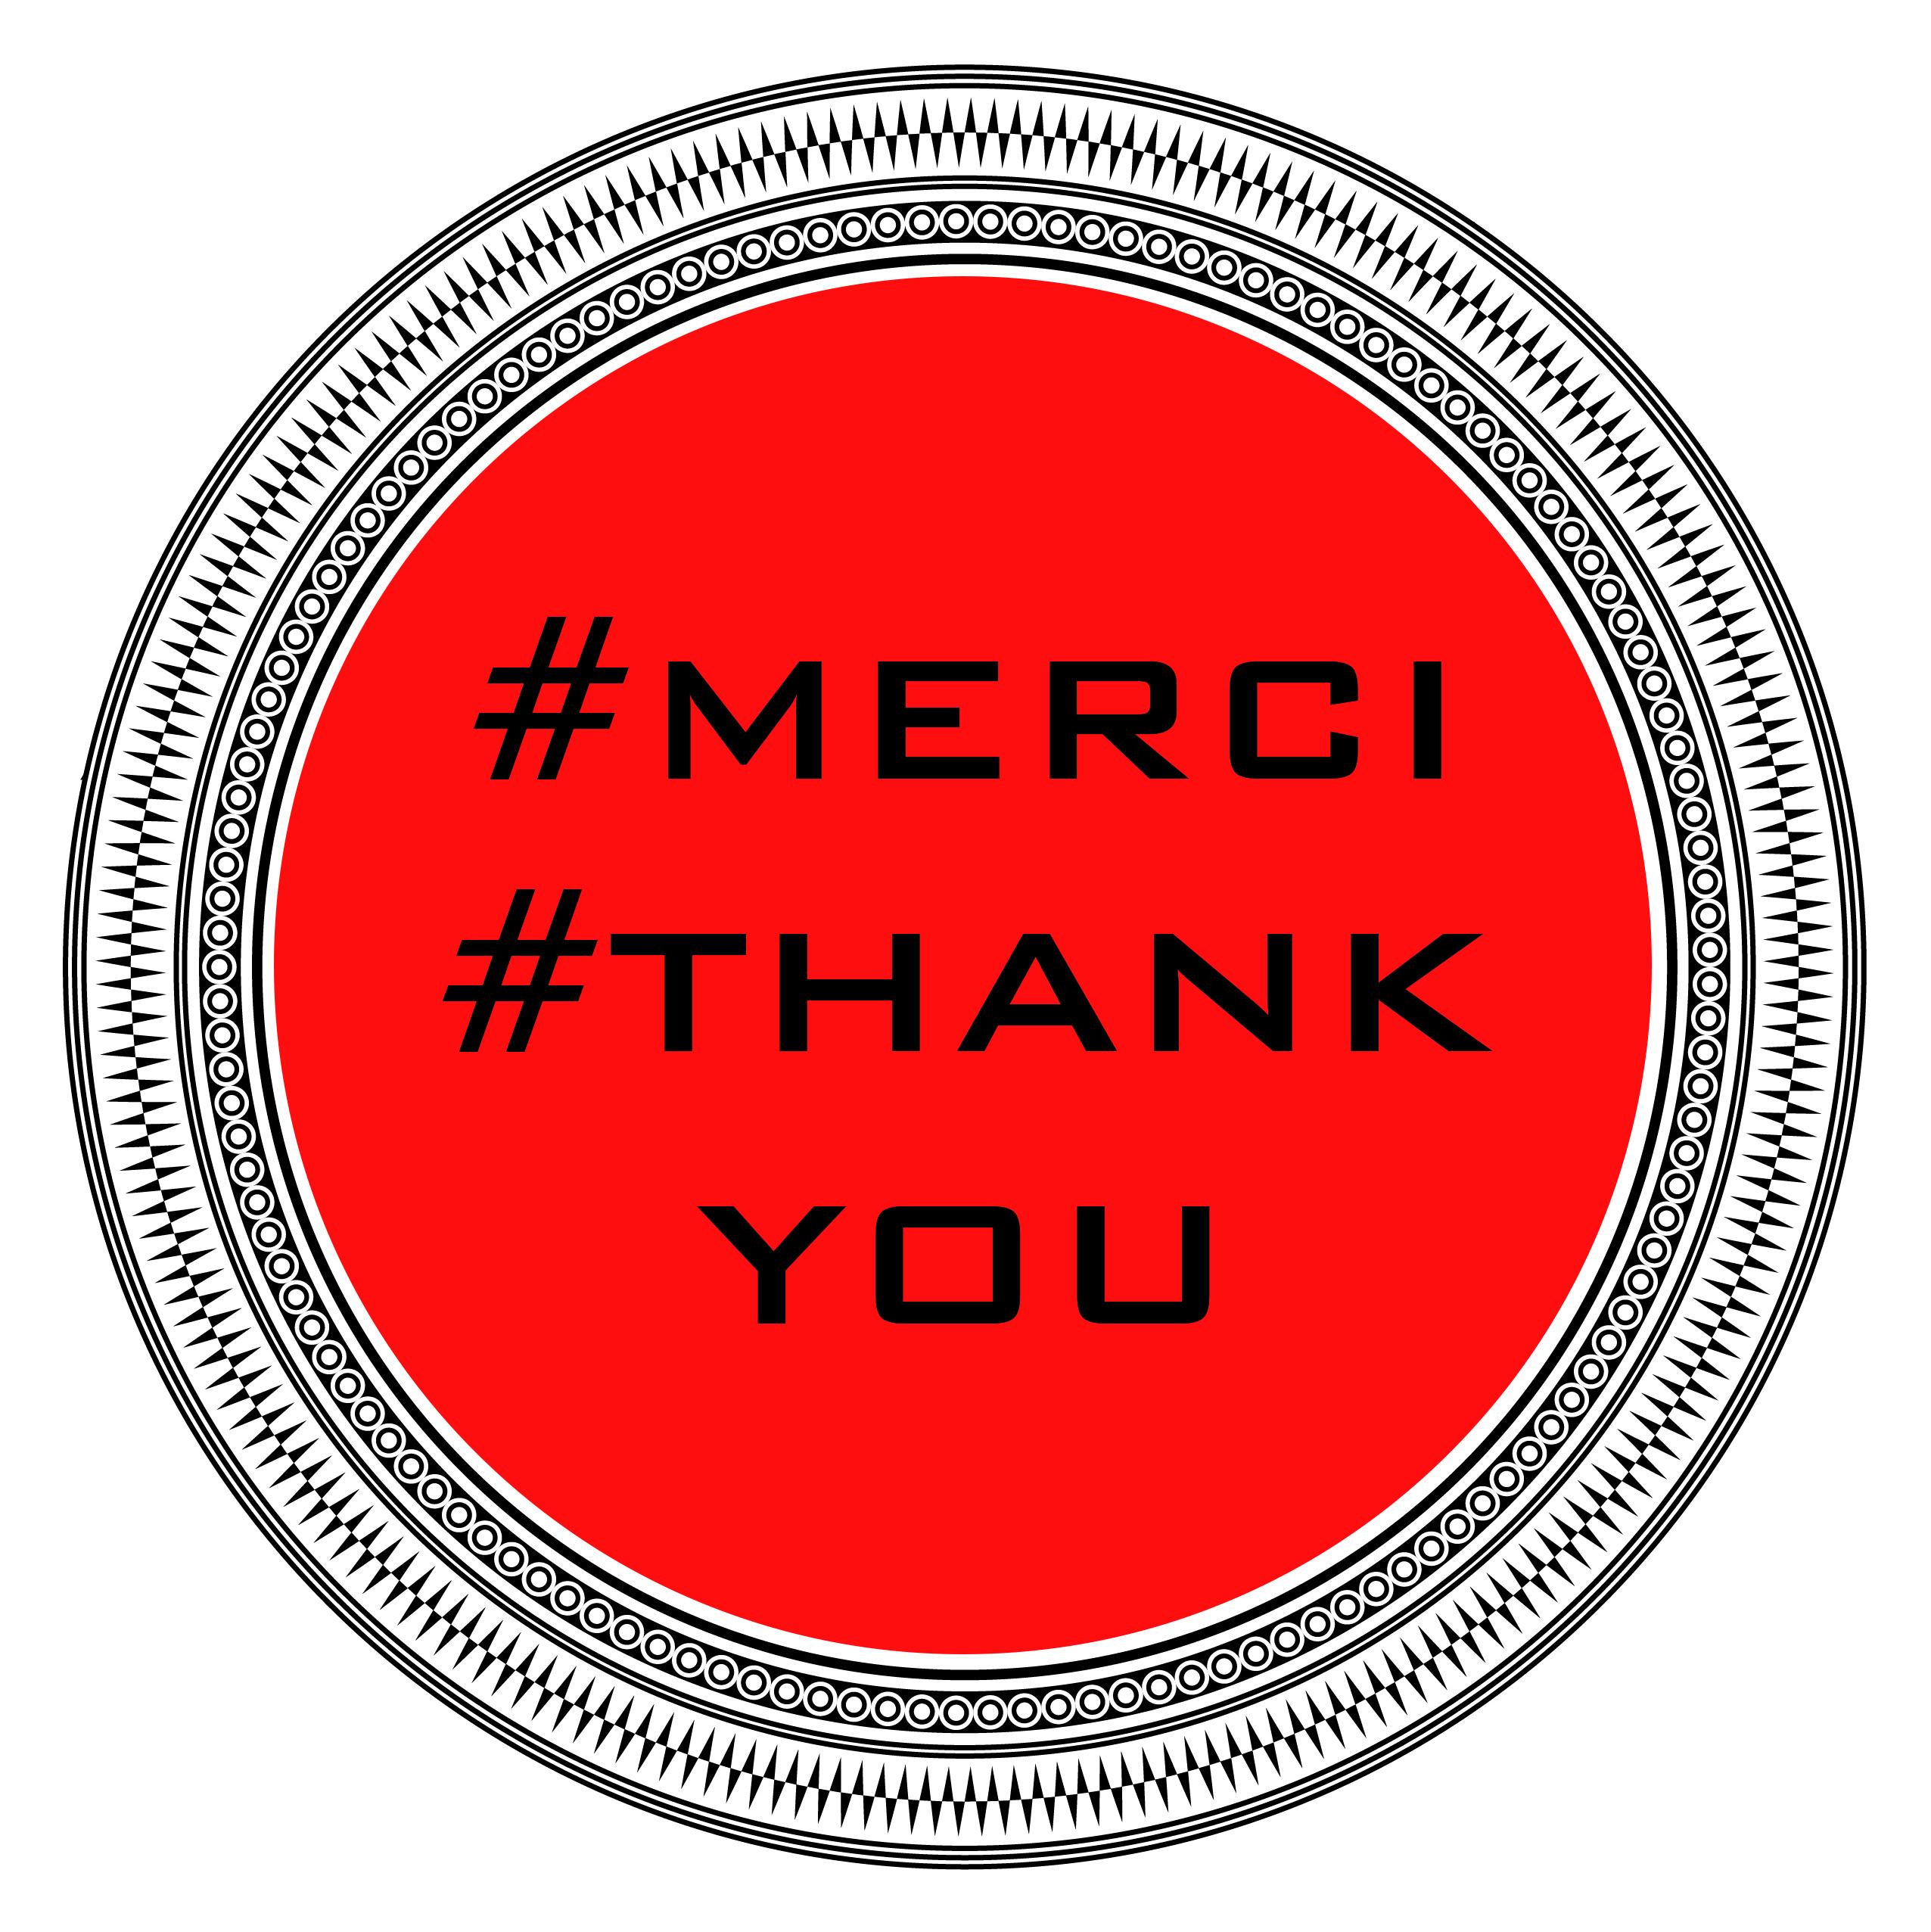 MERCI-1533989782.jpg